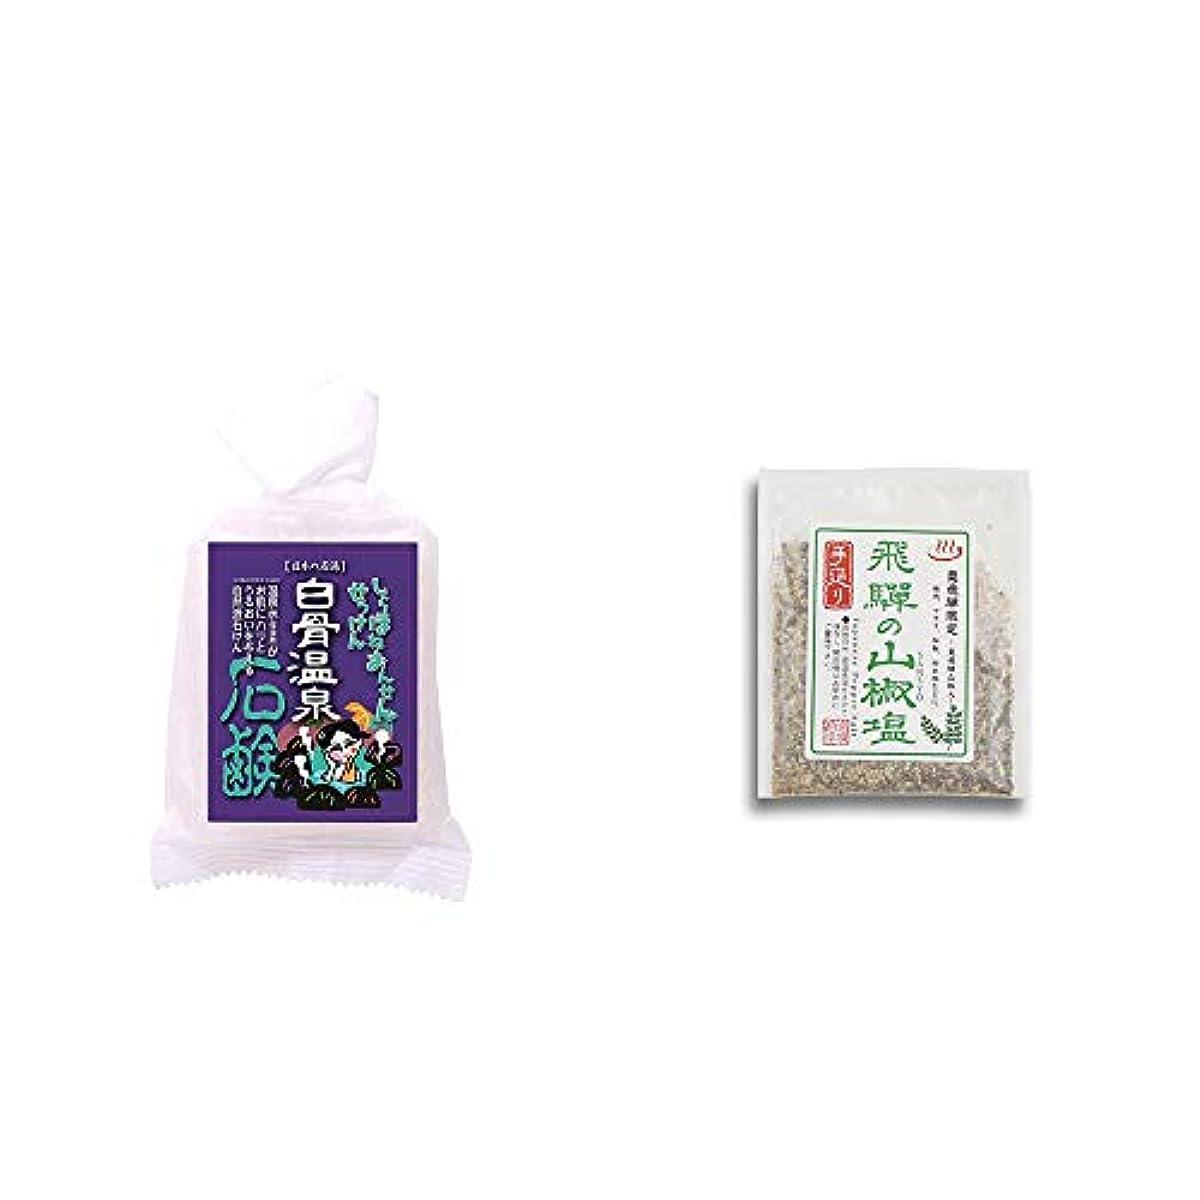 好きチキン頻繁に[2点セット] 信州 白骨温泉石鹸(80g)?手造り 飛騨の山椒塩(40g)